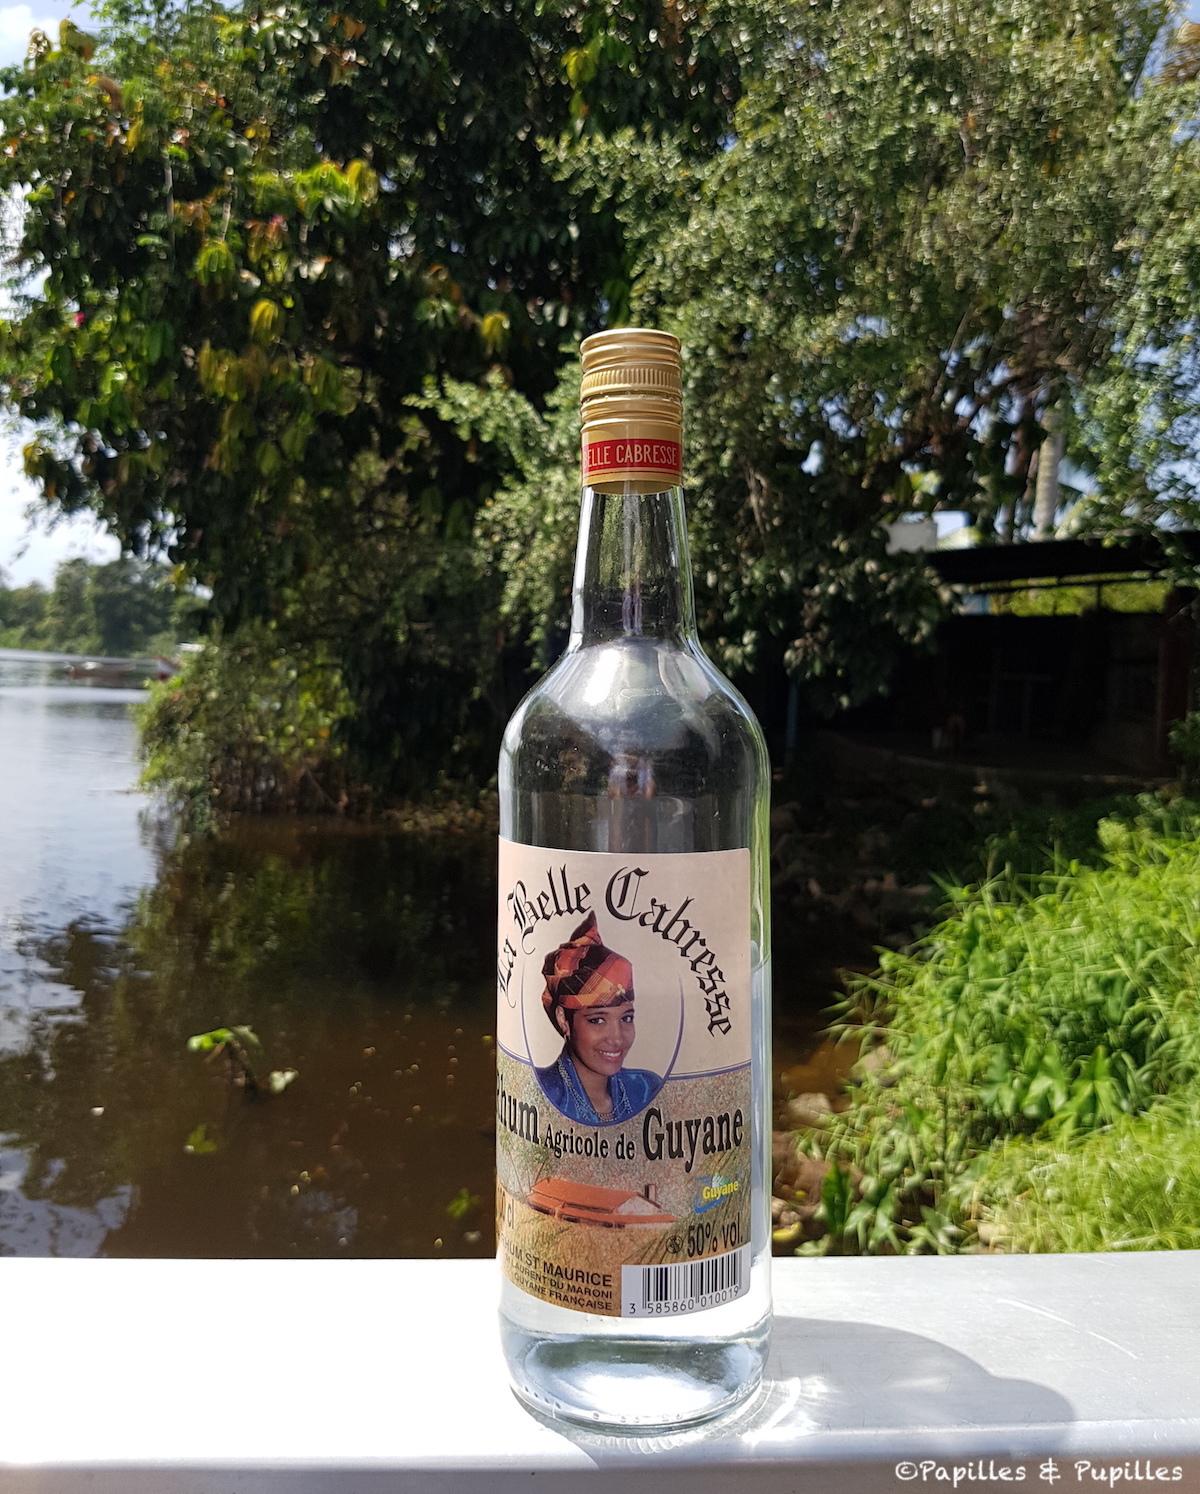 Rhum Guyanais